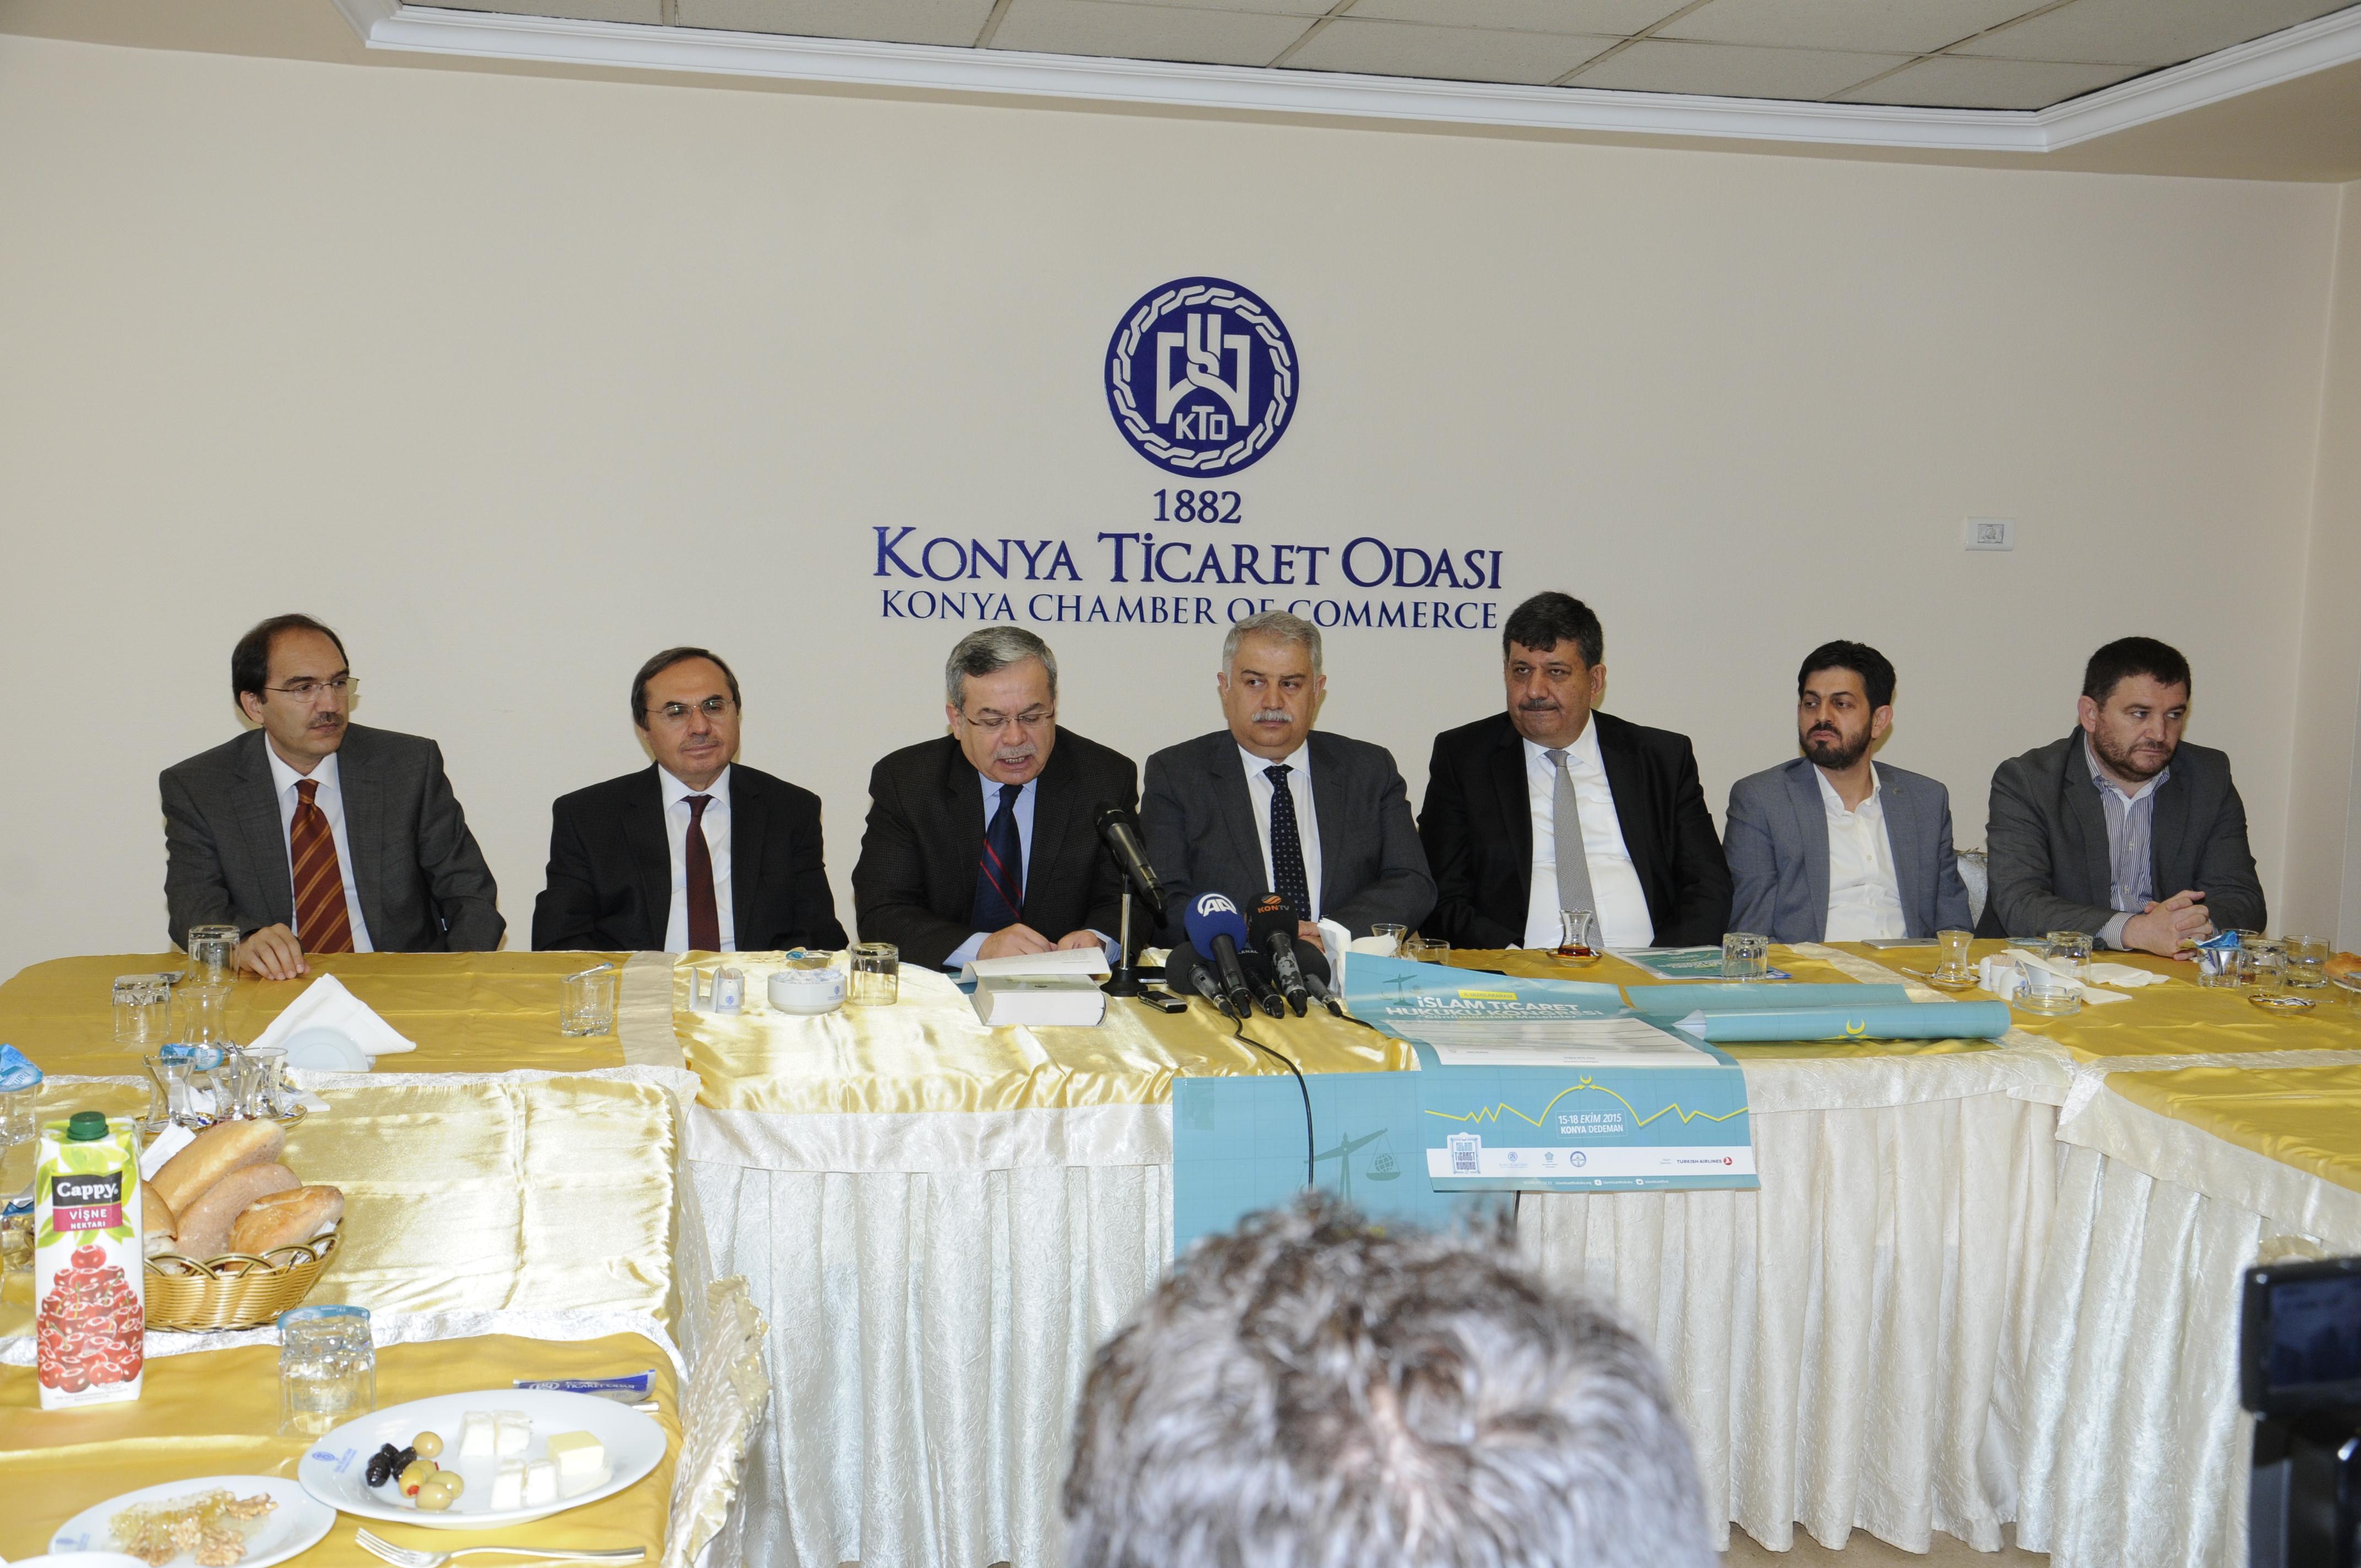 islÂm-ticaret-hukuku-kongresi.JPG